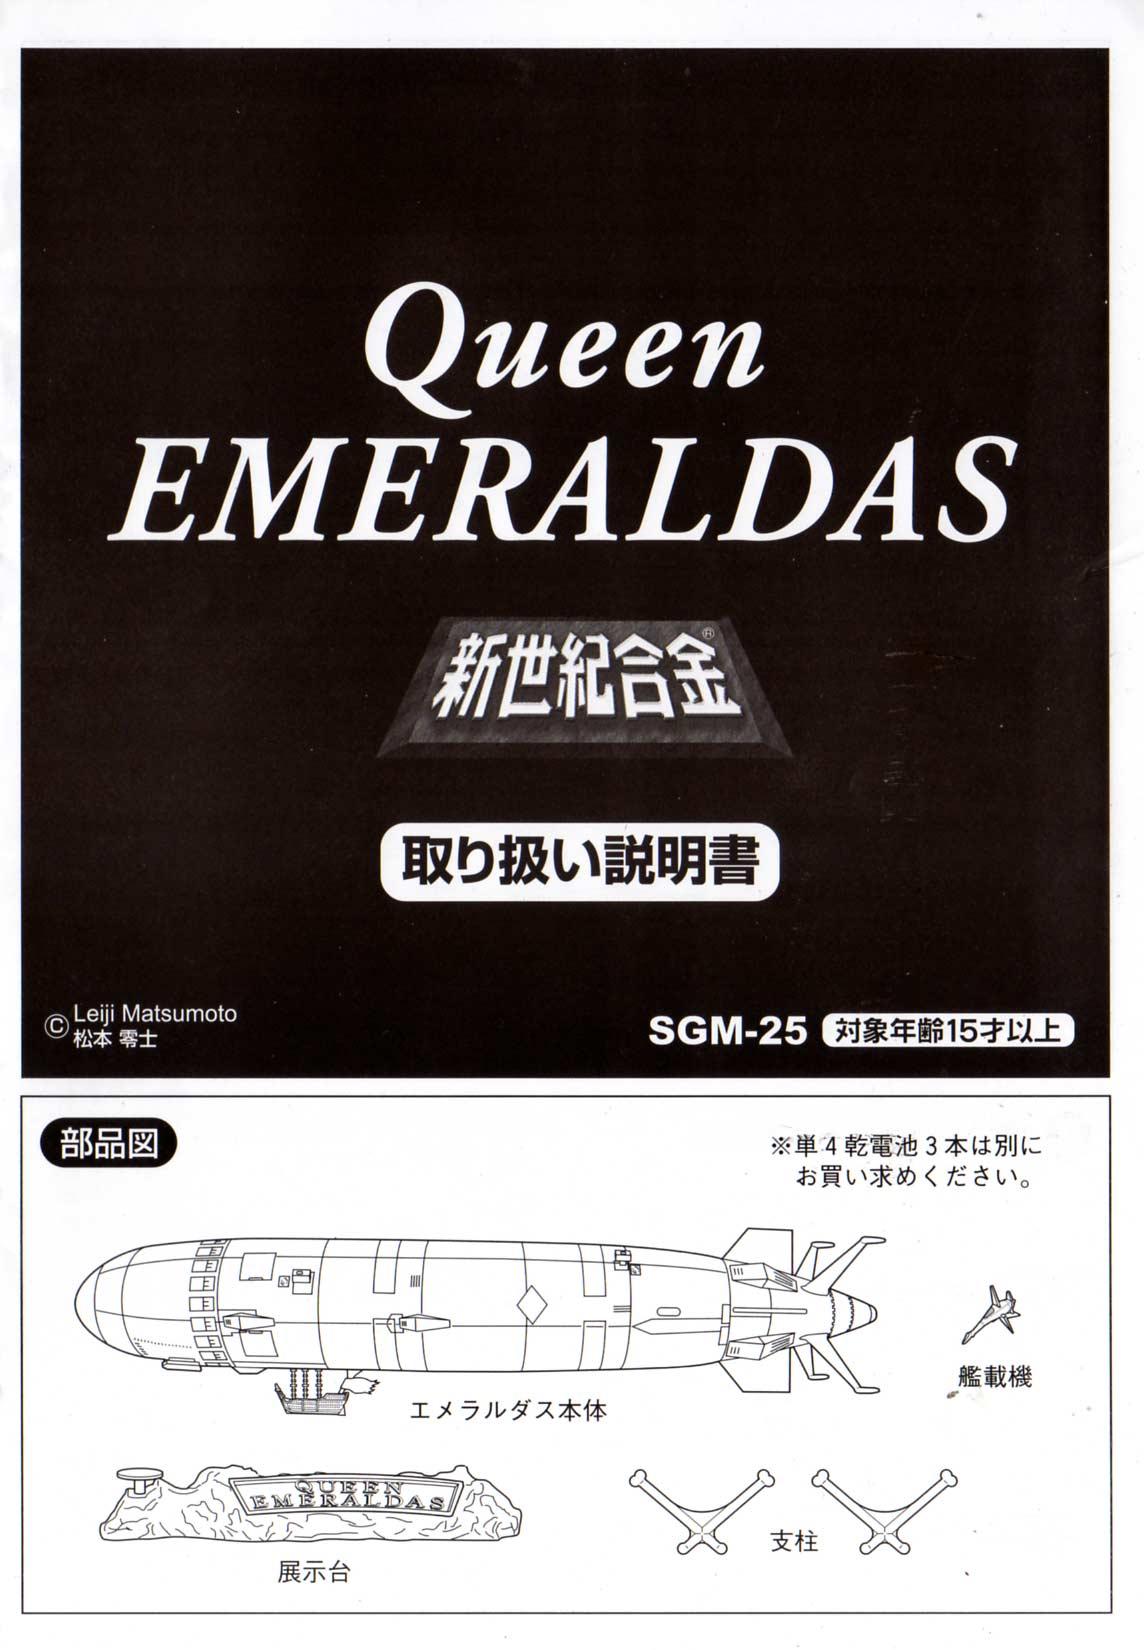 Page 1 de la notice du Queen Emeraldas d'Aoshima